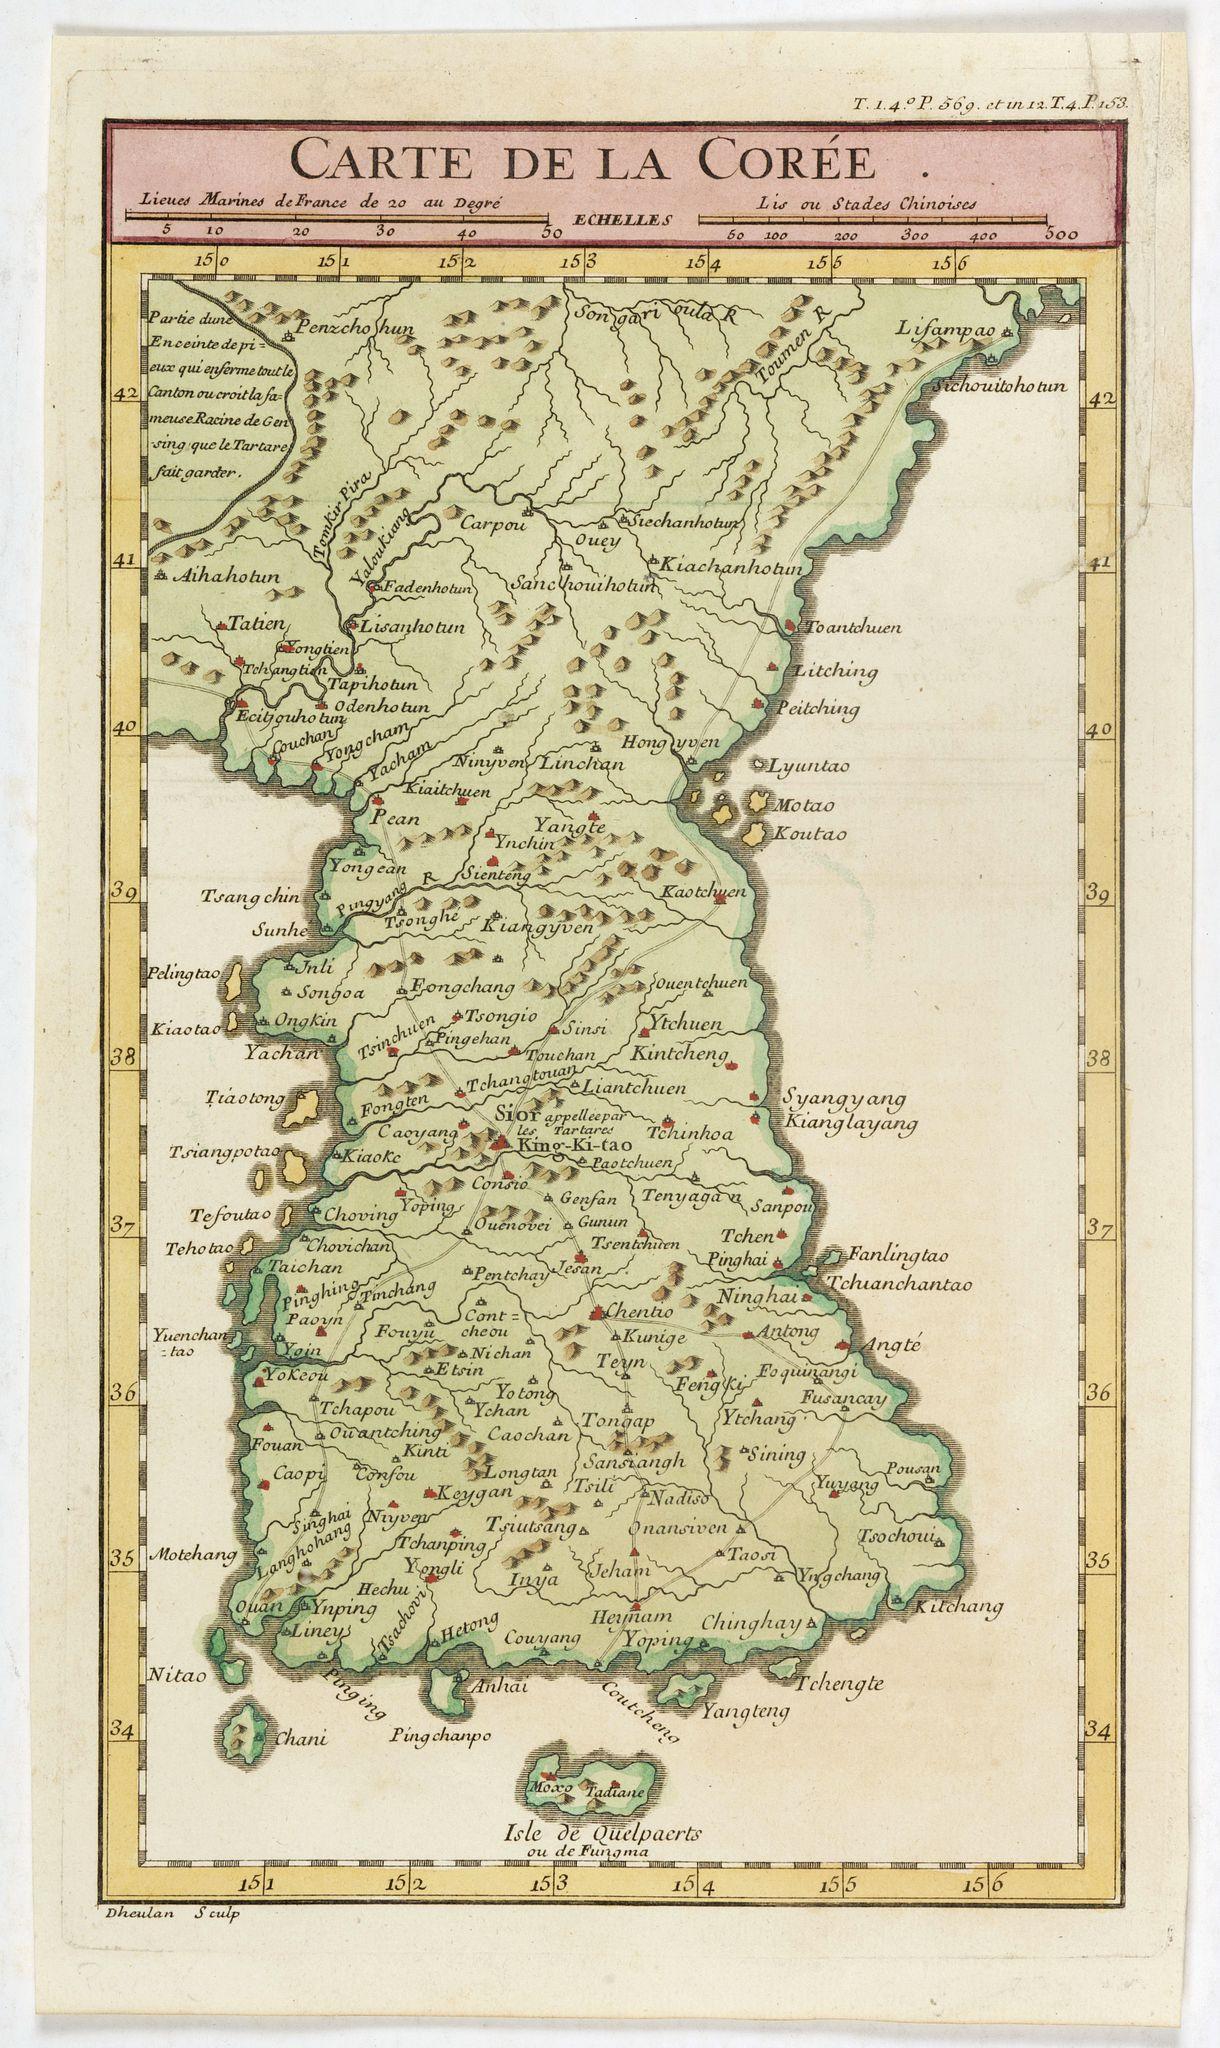 DHEULLAND, G. -  Carte de la Corée.